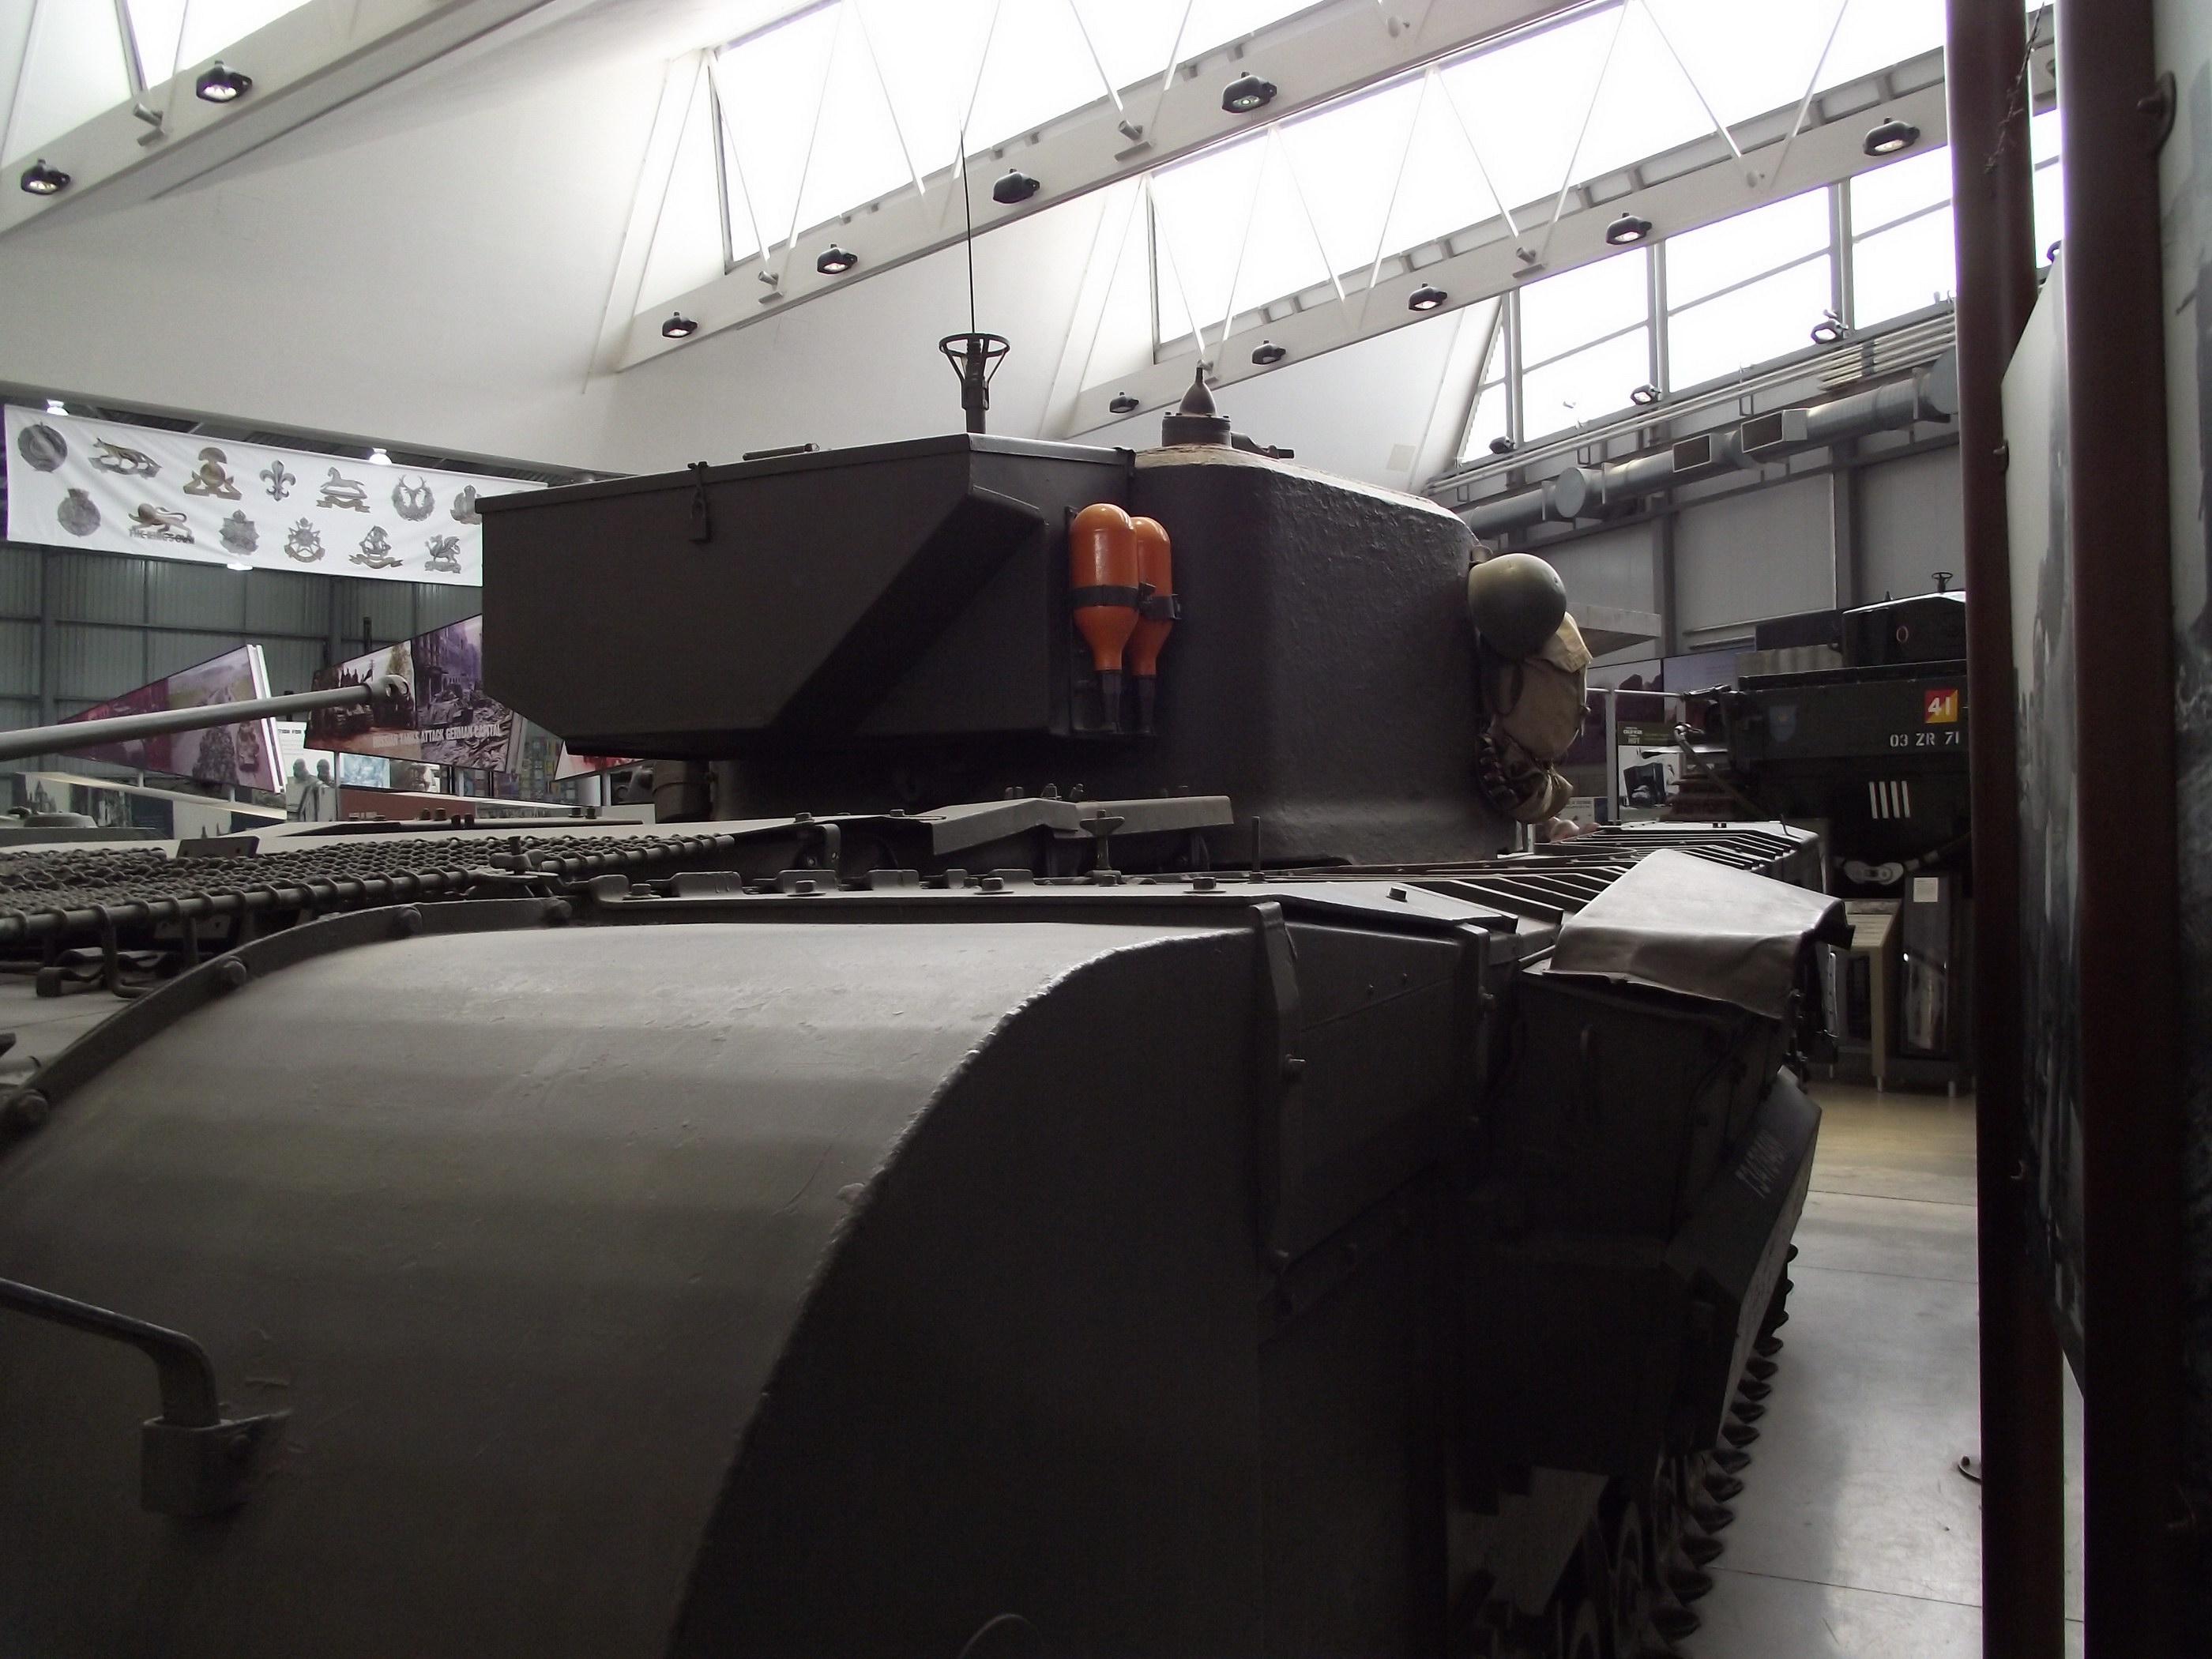 Tank_Museum_20180919_745.jpg